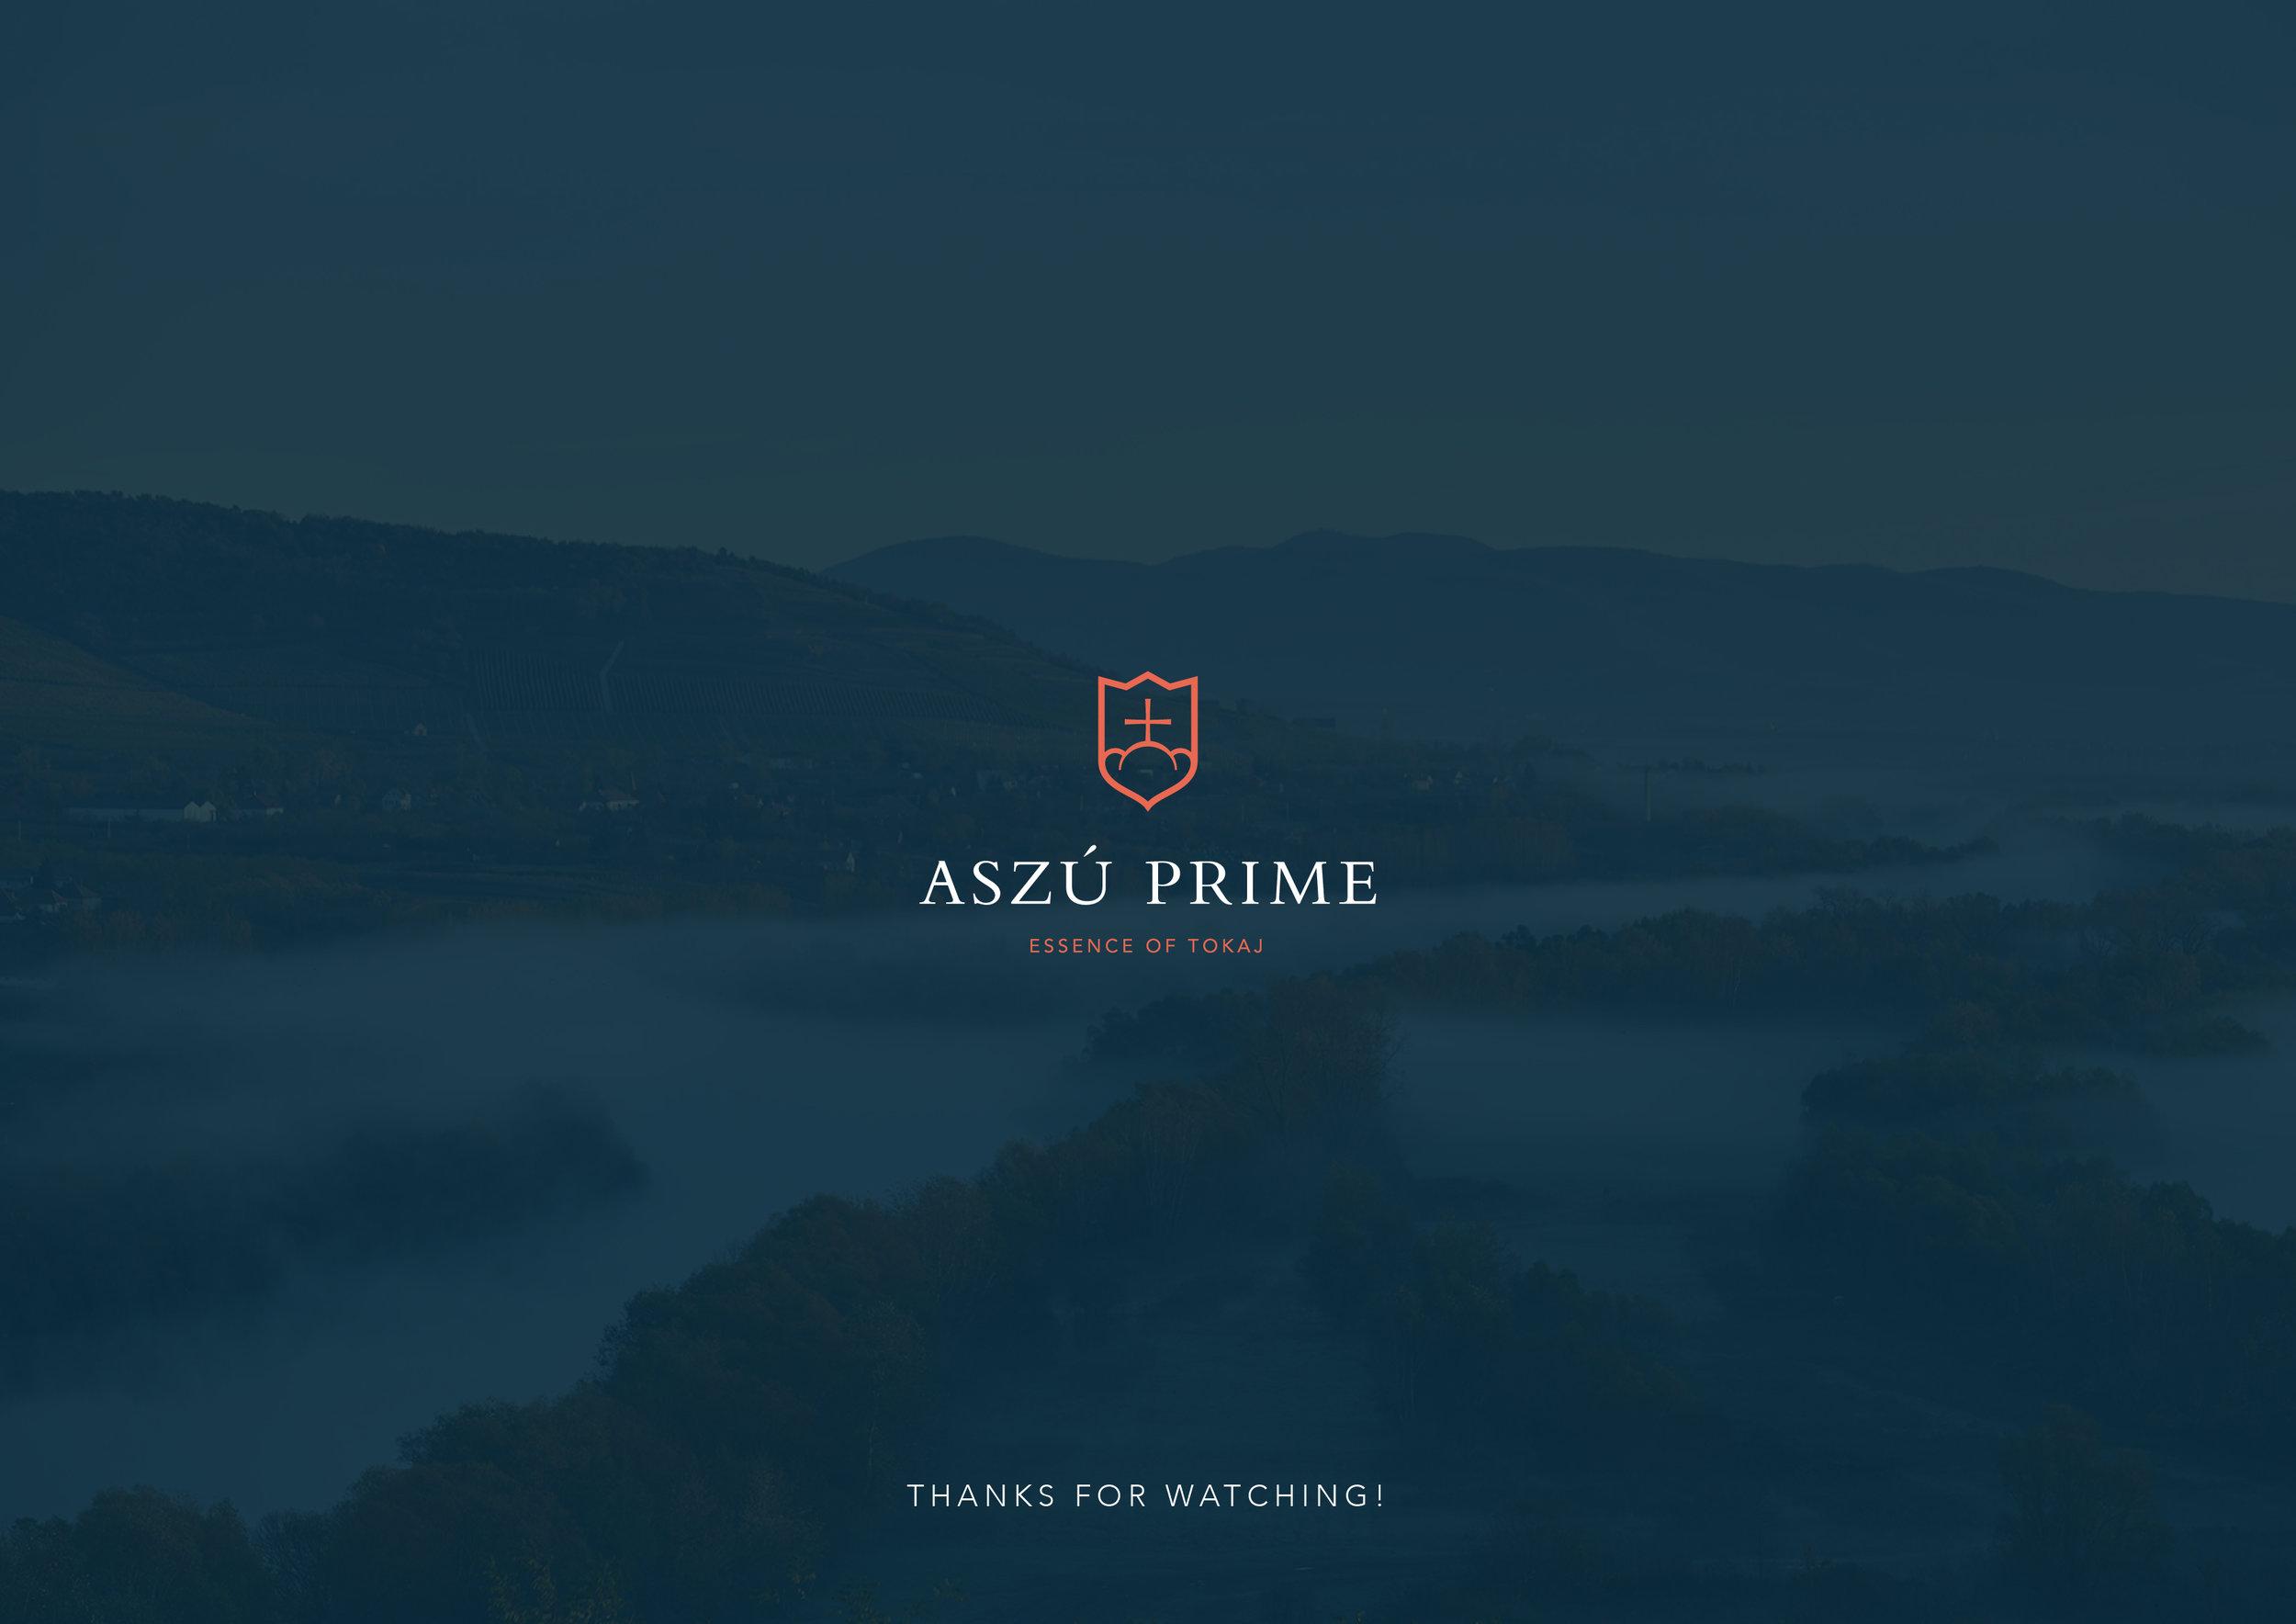 Aszu_Prime_behance-33.jpg